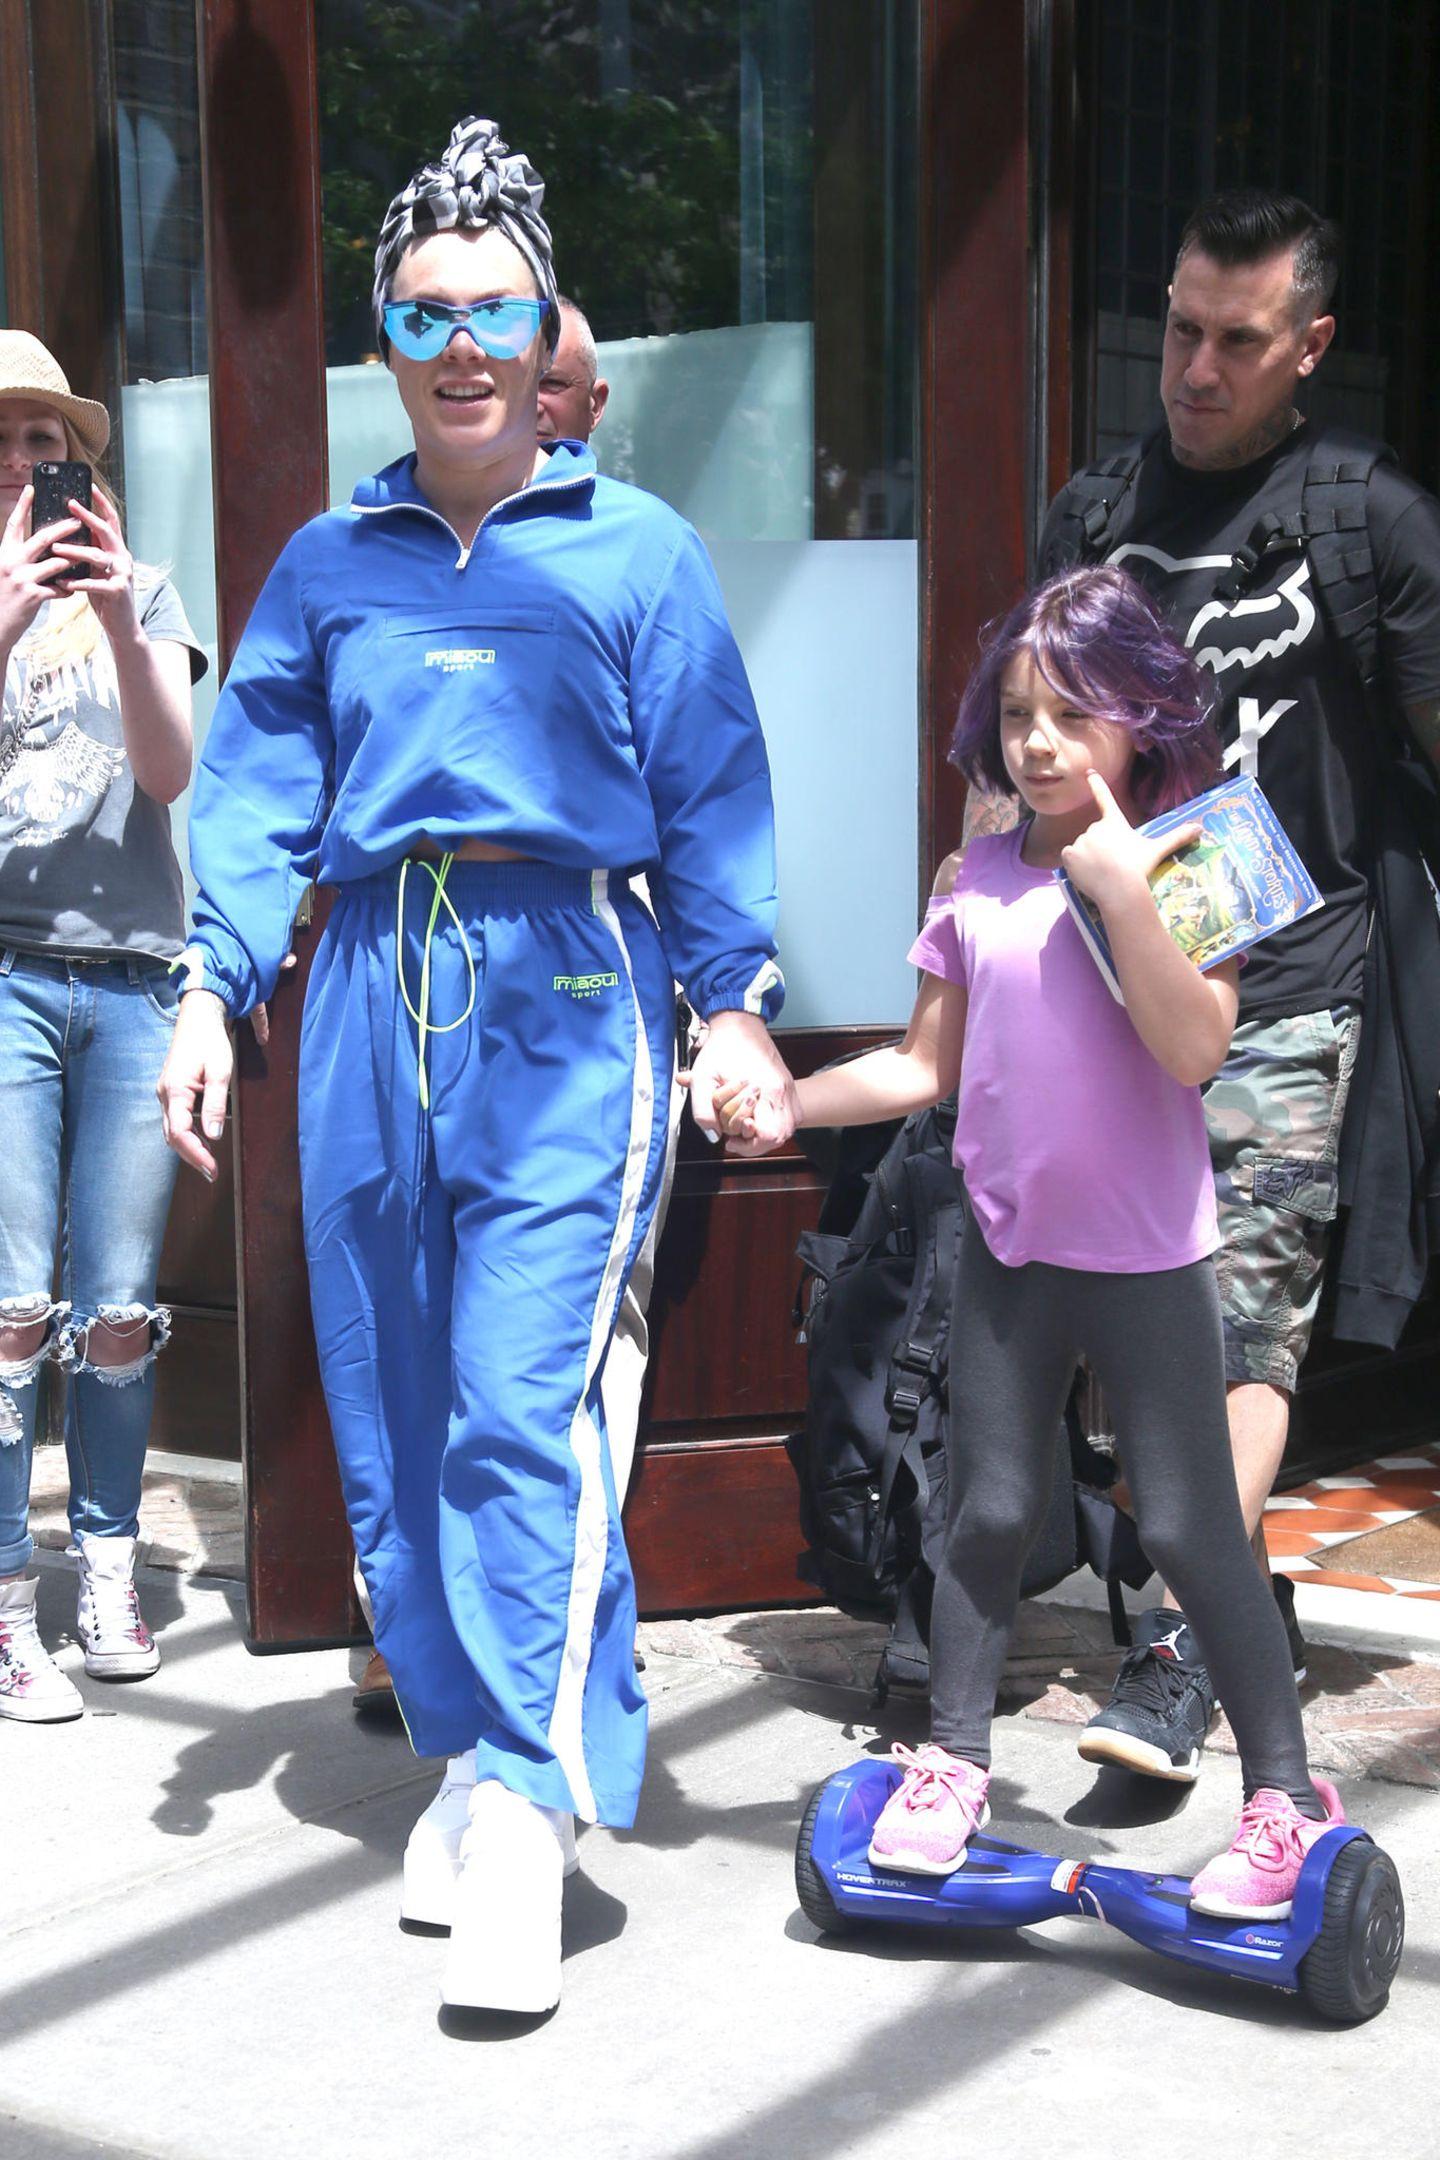 21. Mai 2019  Sängerin Pink ist mit ihrem Ehemann Carey und Töchterchen Willow in New York unterwegs. Ihre Tochter scheint allerdings etwas fußfaul zu sein und fährt lieber lässig mit ihrem Hoverboard neben Mama und Papa entlang.